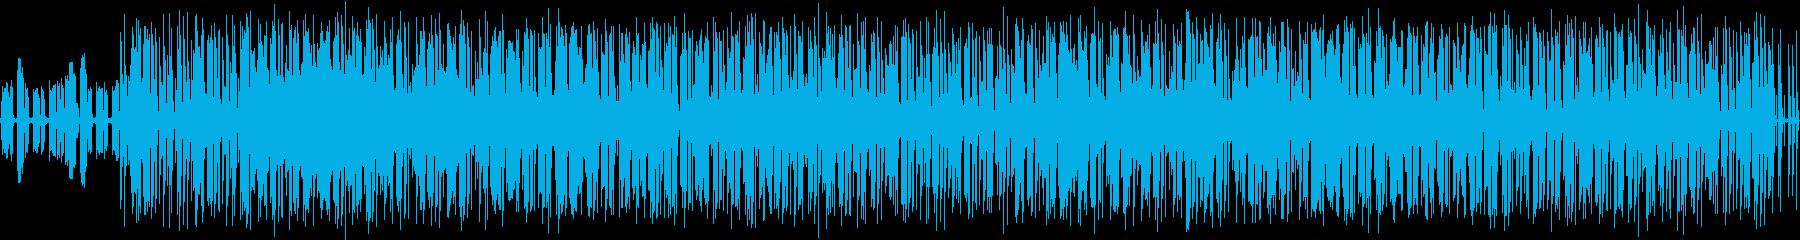 オールドスクールっぽいBGM#01の再生済みの波形